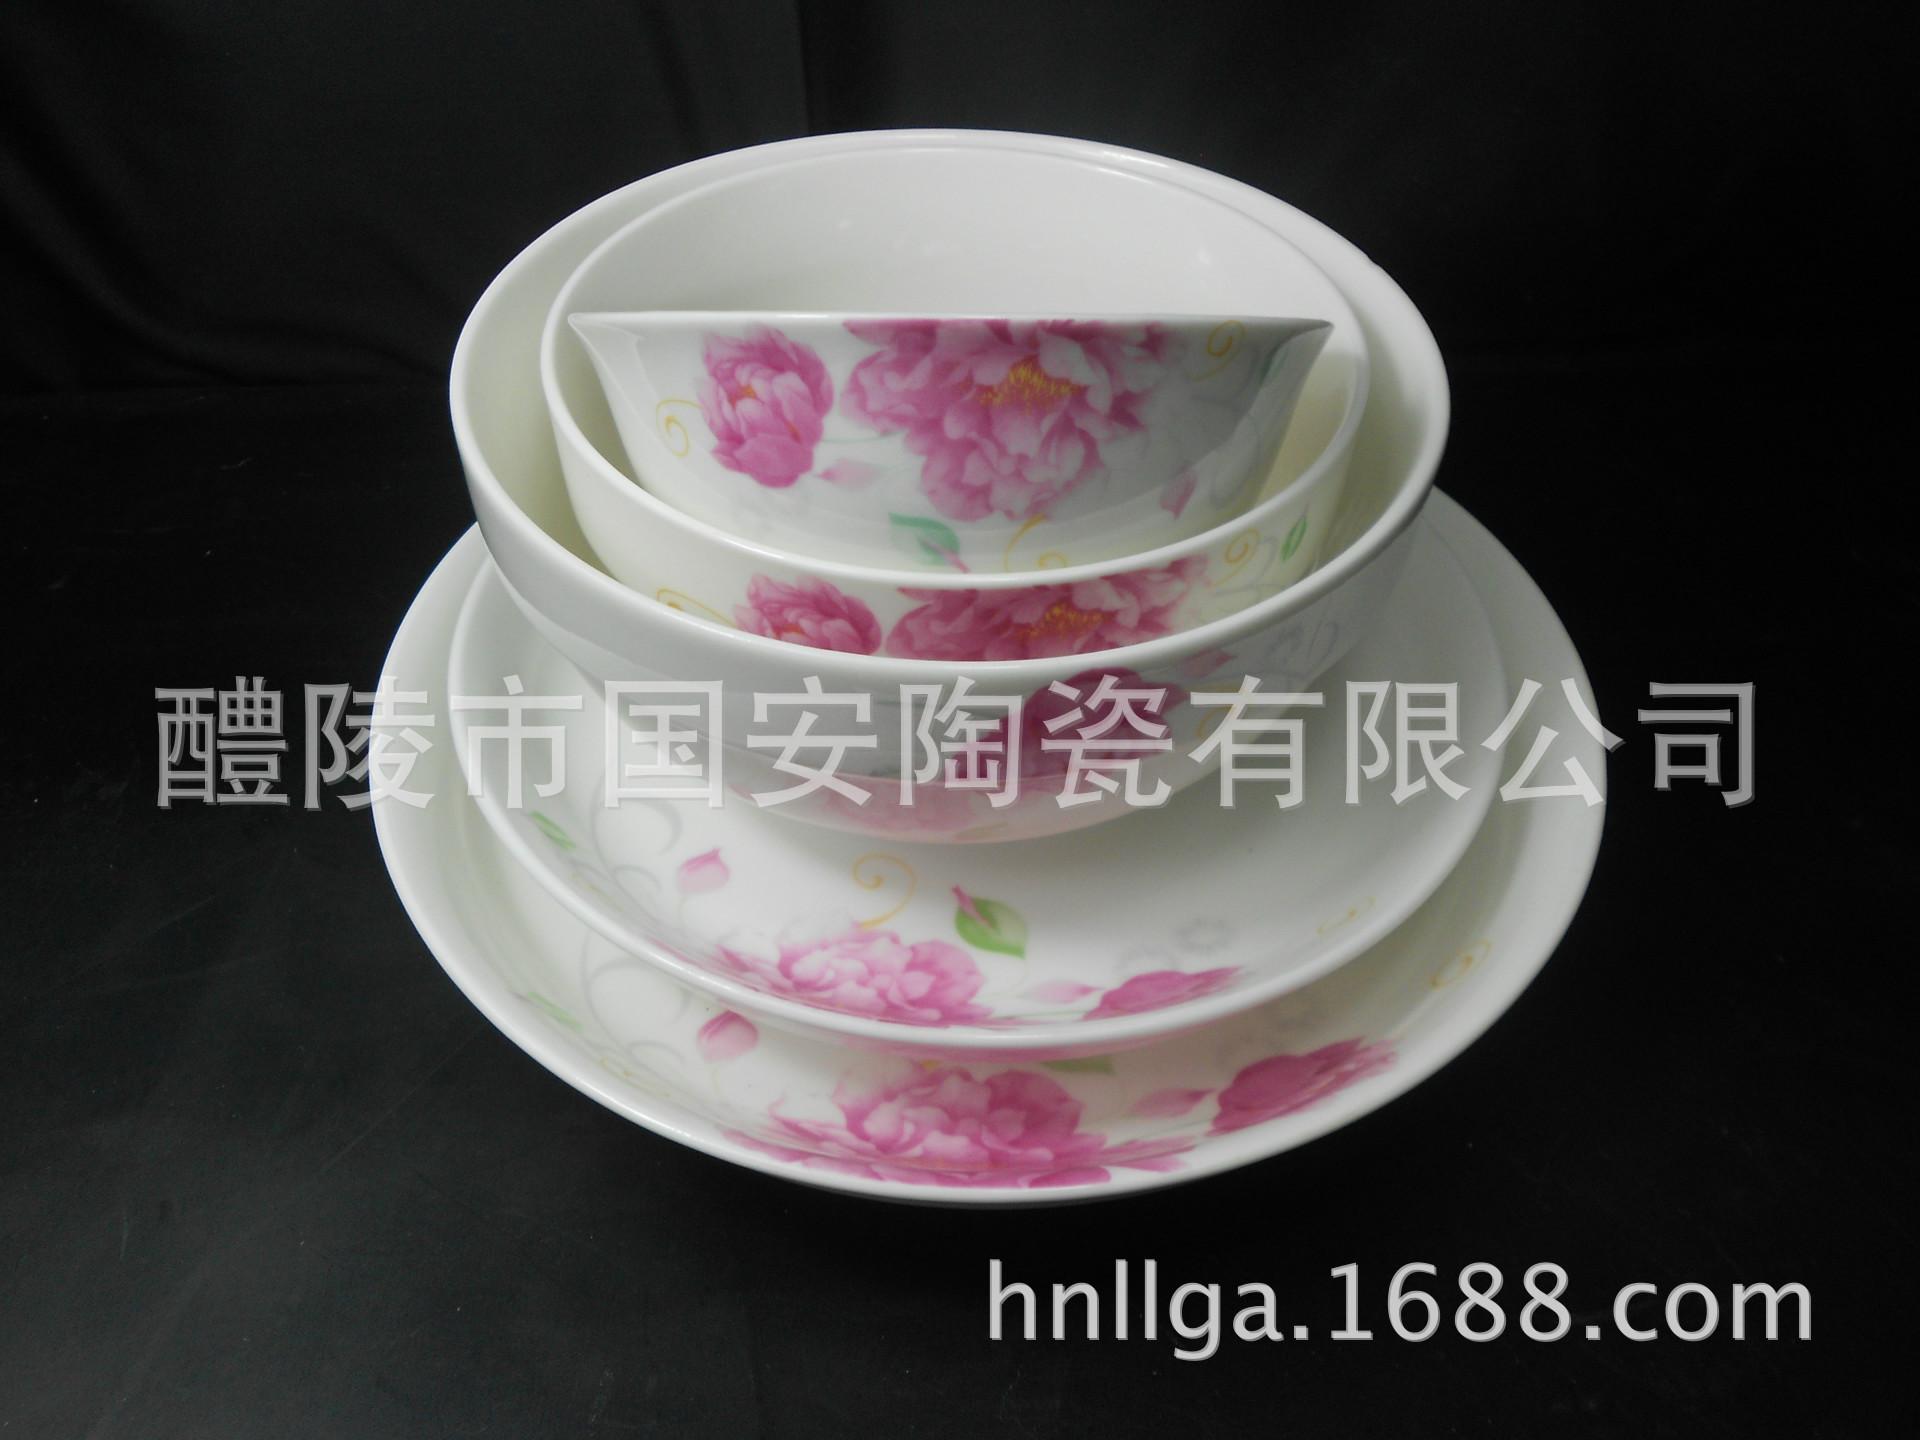 陶瓷套装    碟碗套装   陶瓷套装价格